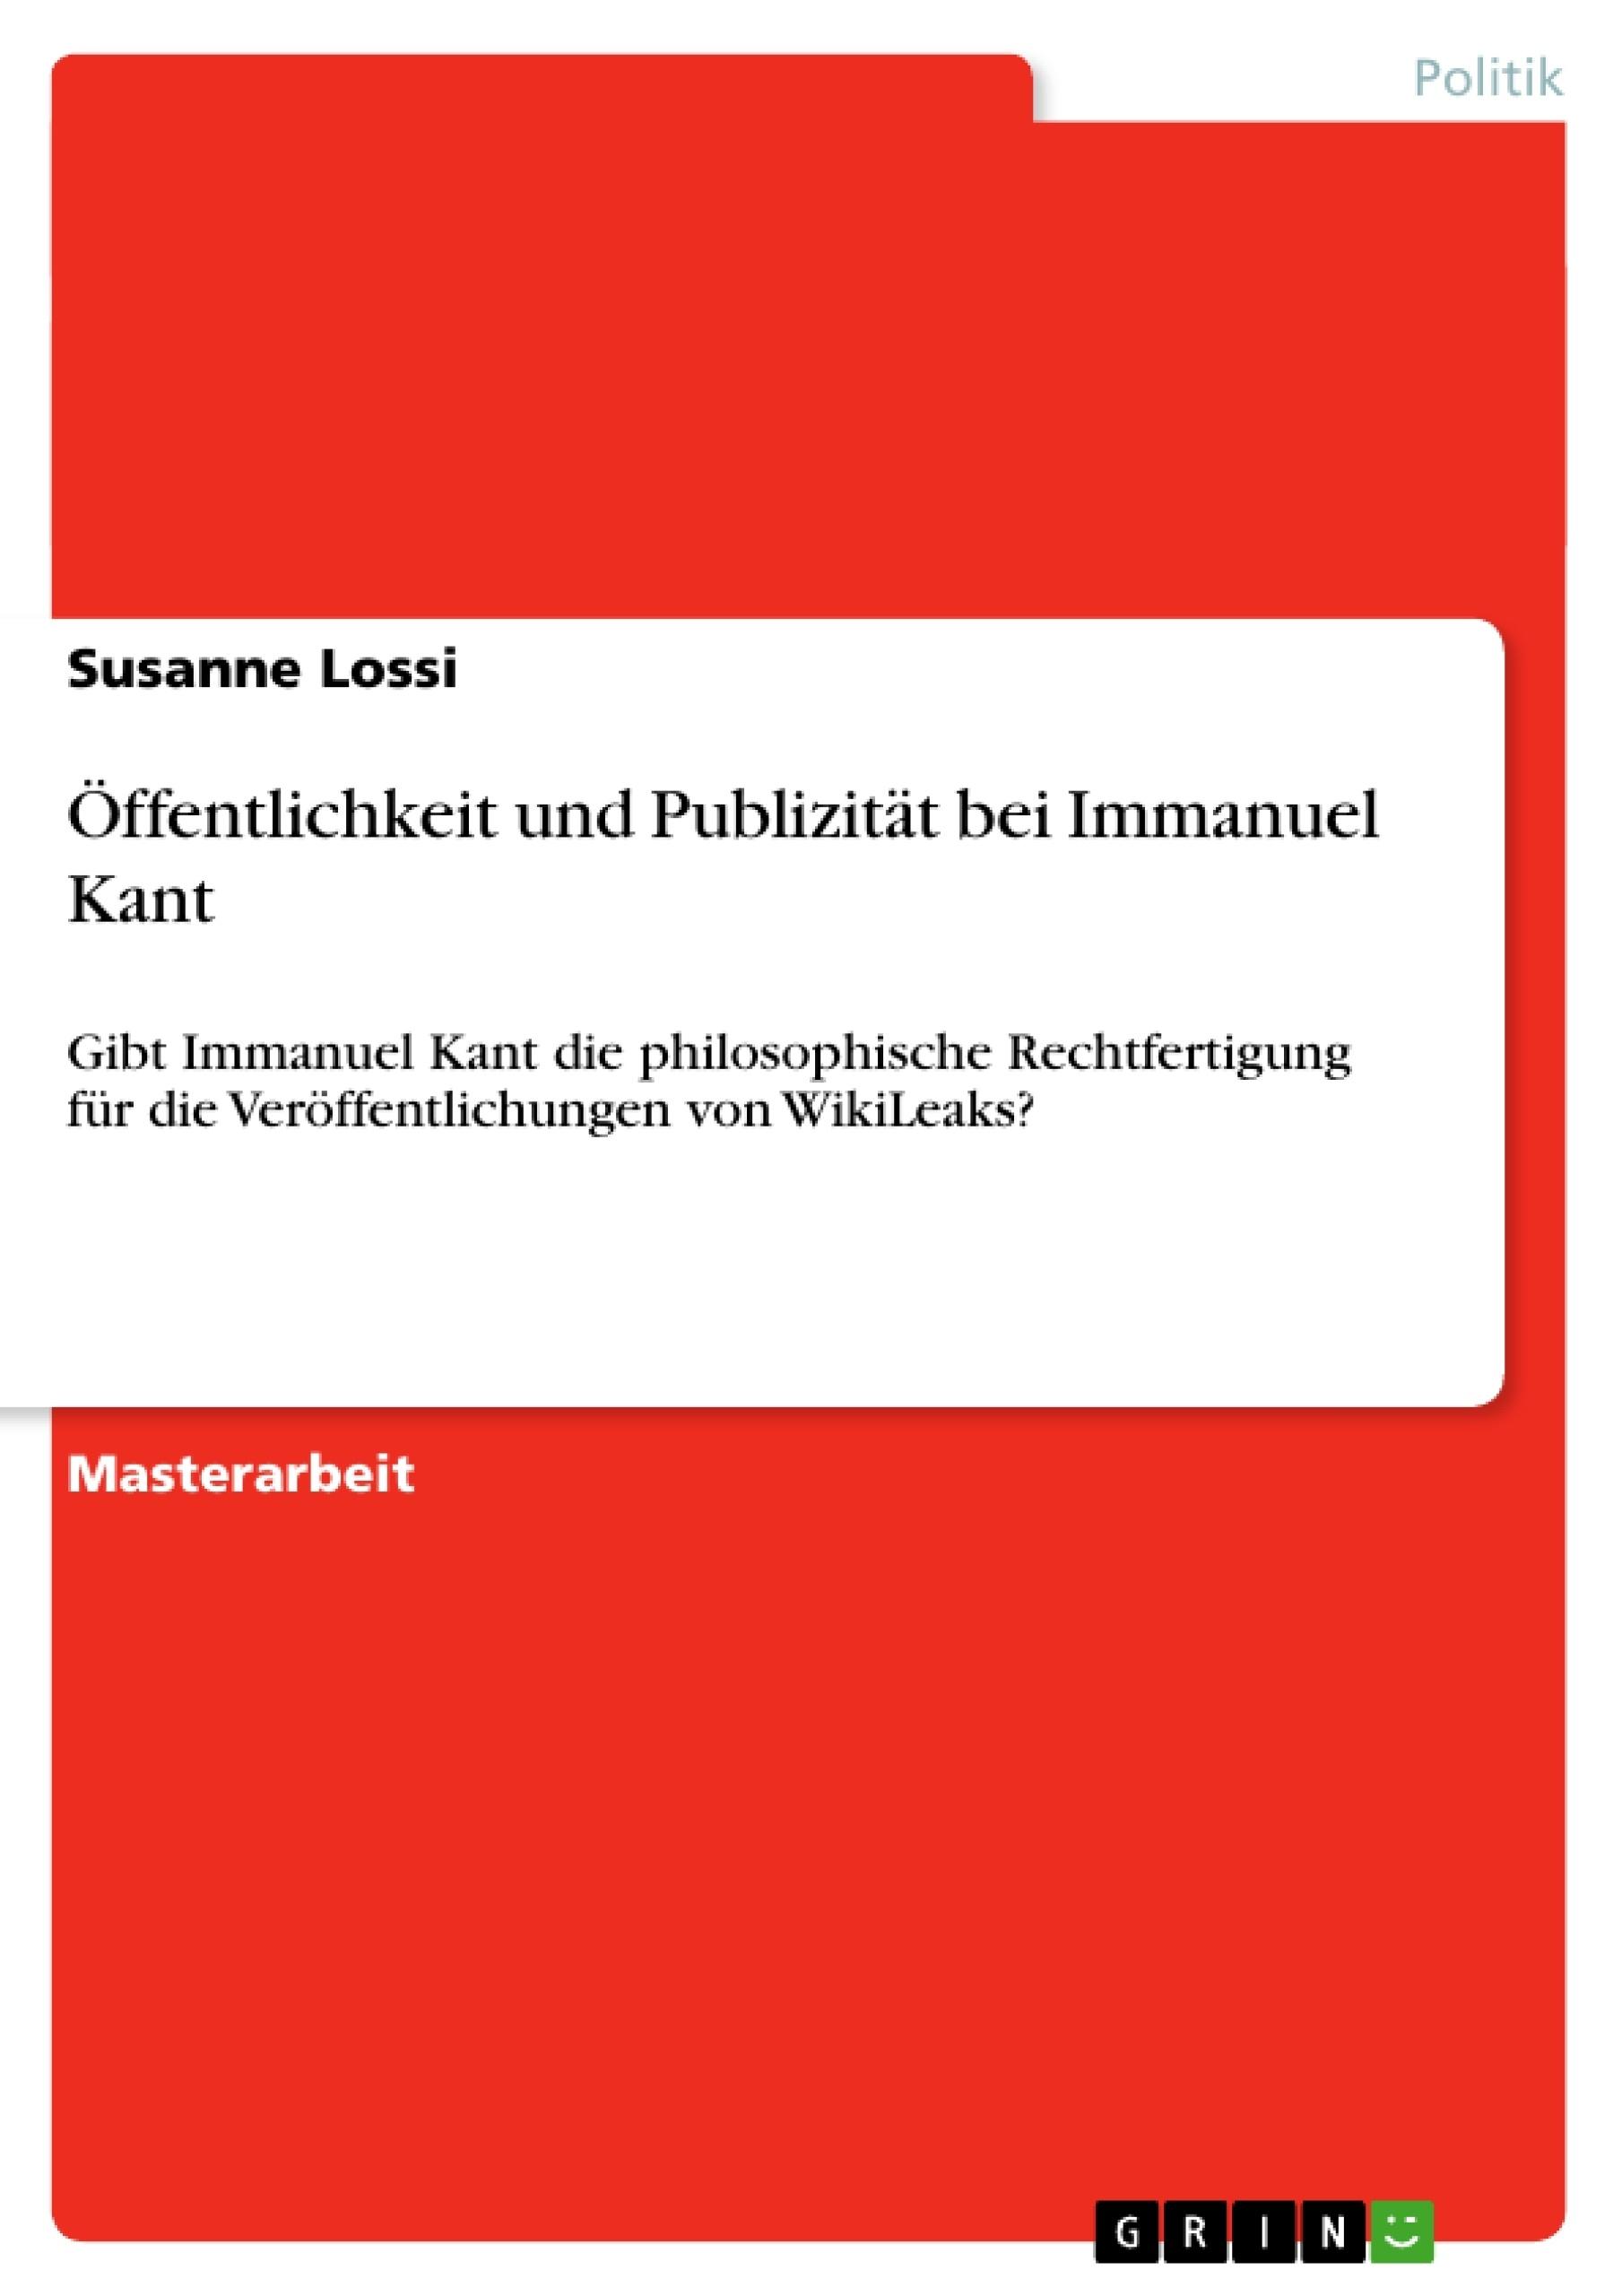 Titel: Öffentlichkeit und Publizität bei Immanuel Kant